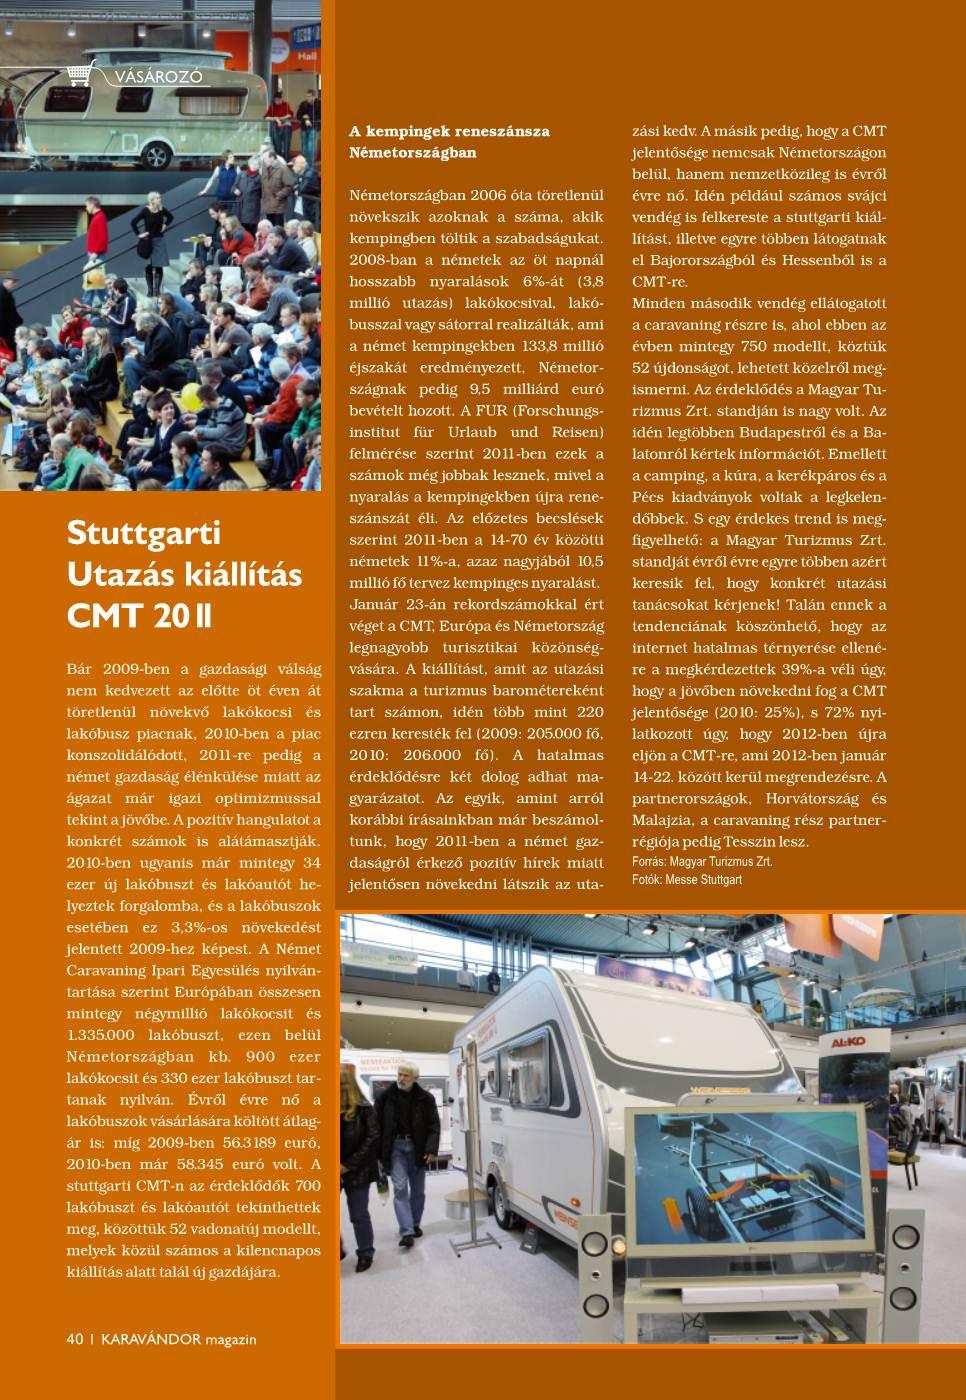 Vásározó - Stuttgarti Utazás kiállítás: CMT 2011